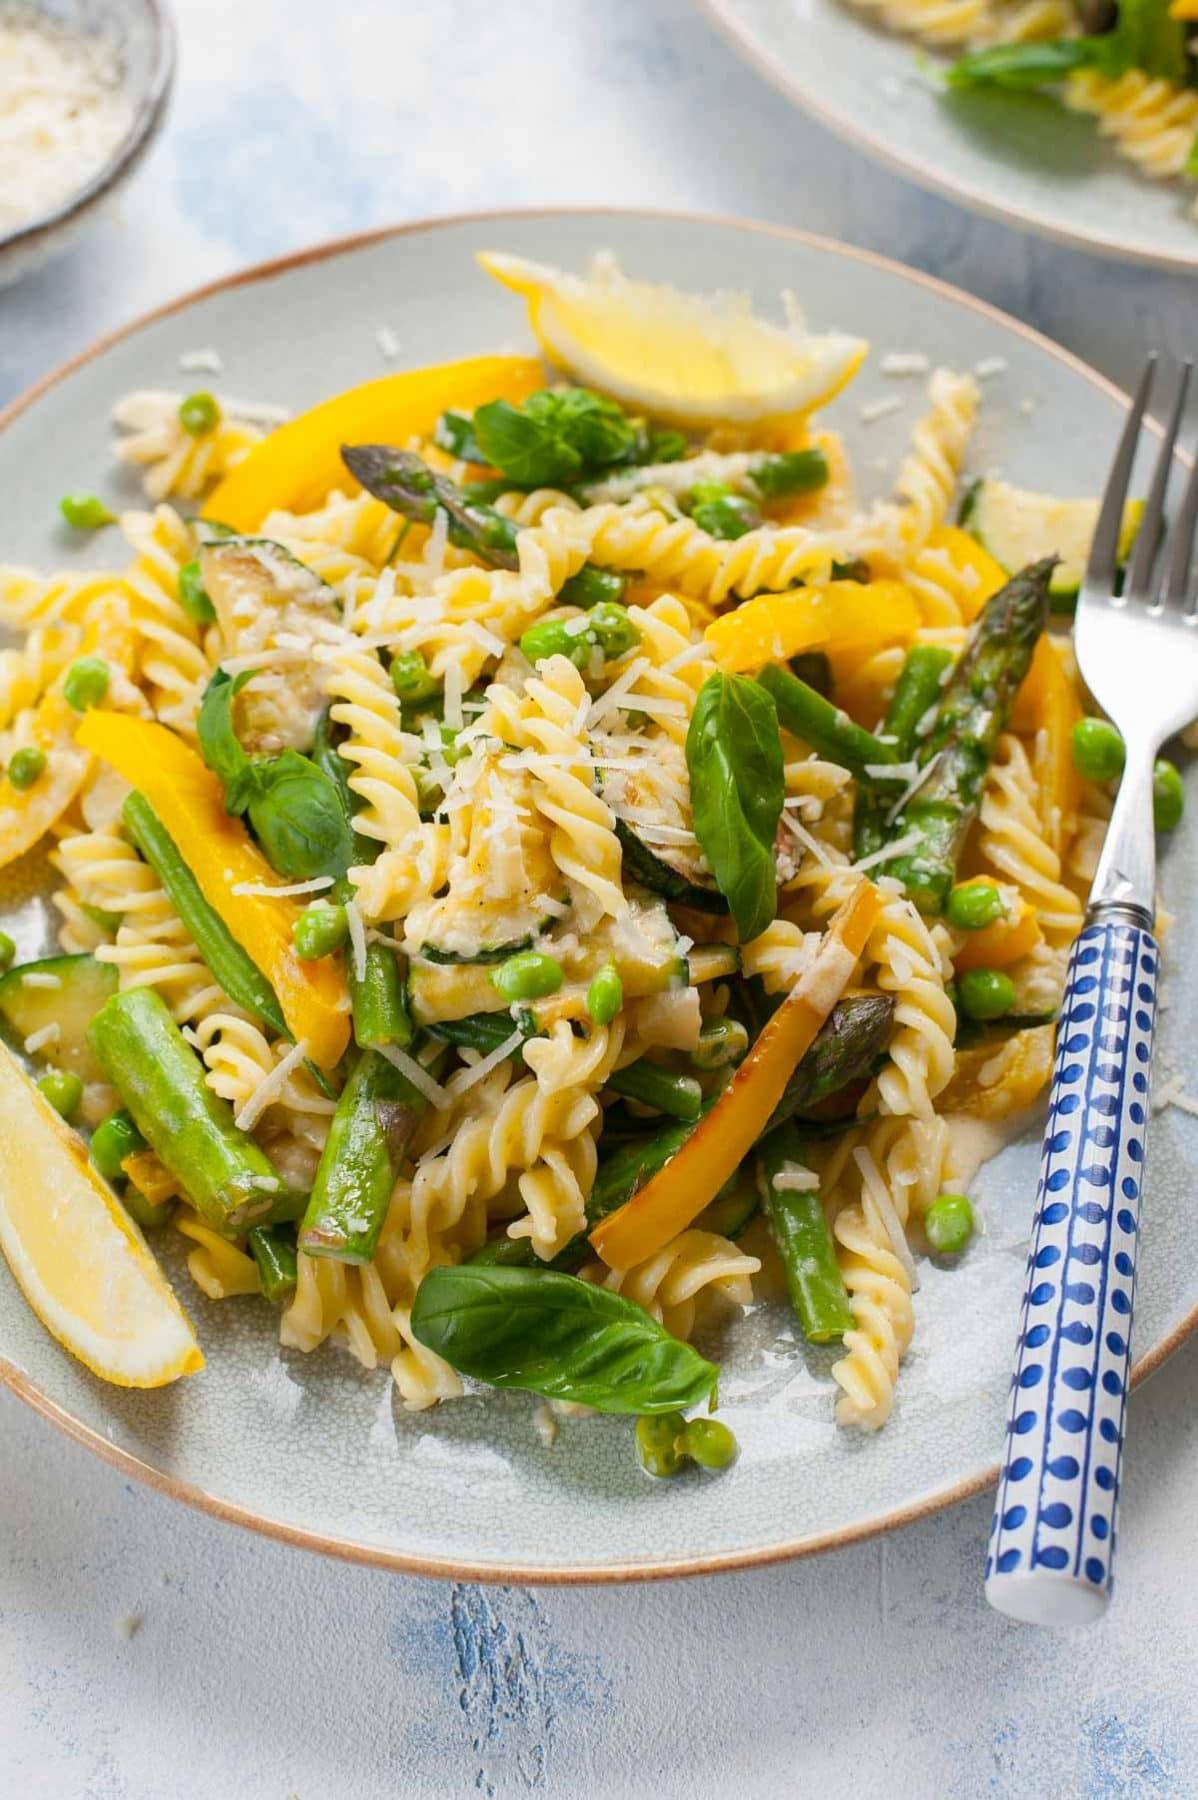 pasta primavera z warzywami i kremowym sosem na niebieskim talerzu